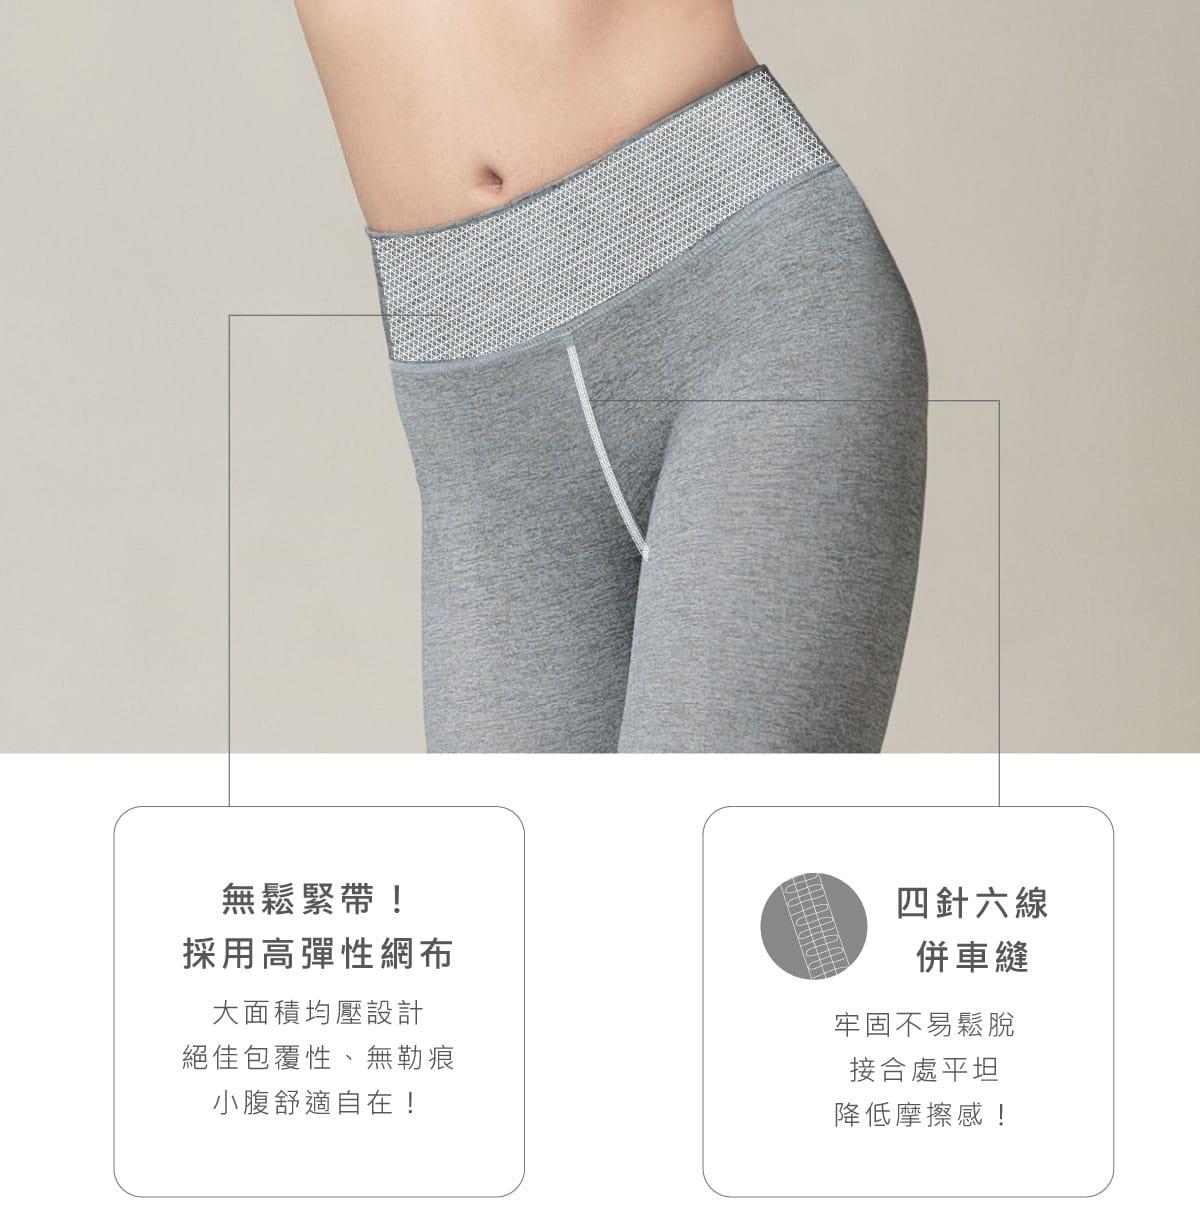 TENO超輕量運動休閒花花褲-設計師經典款 9